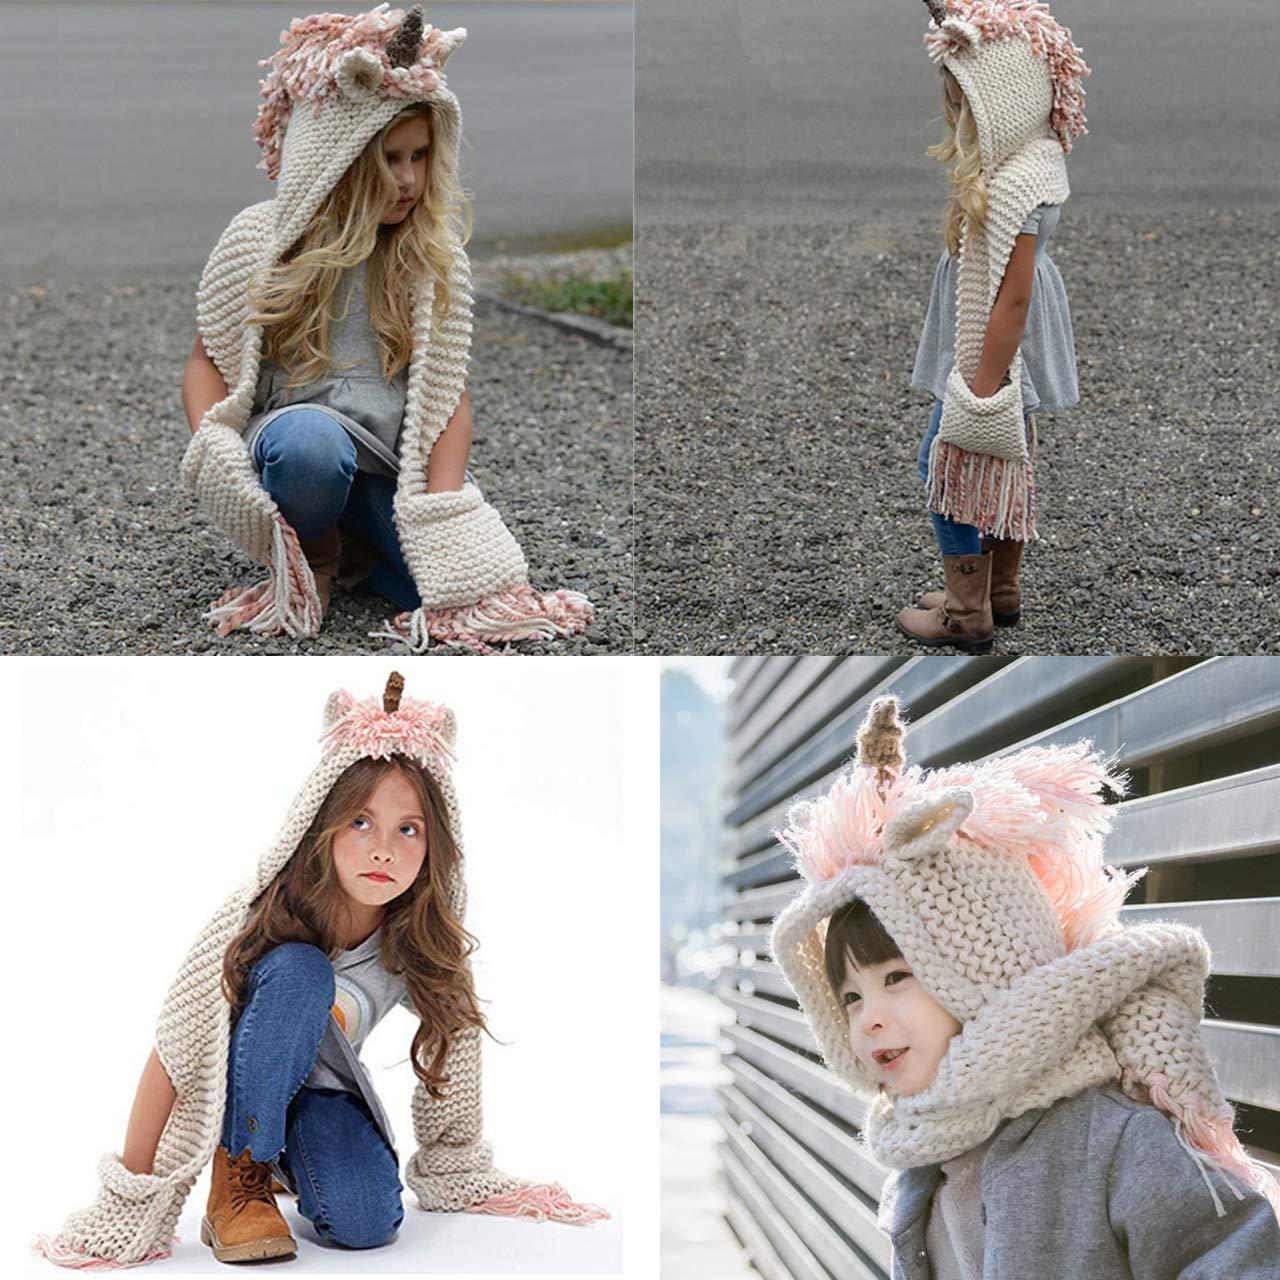 6-16 anni cartoon unicorno con cappuccio sciarpa cappello invernale sciarpa tasca con cappuccio maglia cappellini party Cosplay regali per bambini Girls Unicorn cappello con sciarpa a maglia